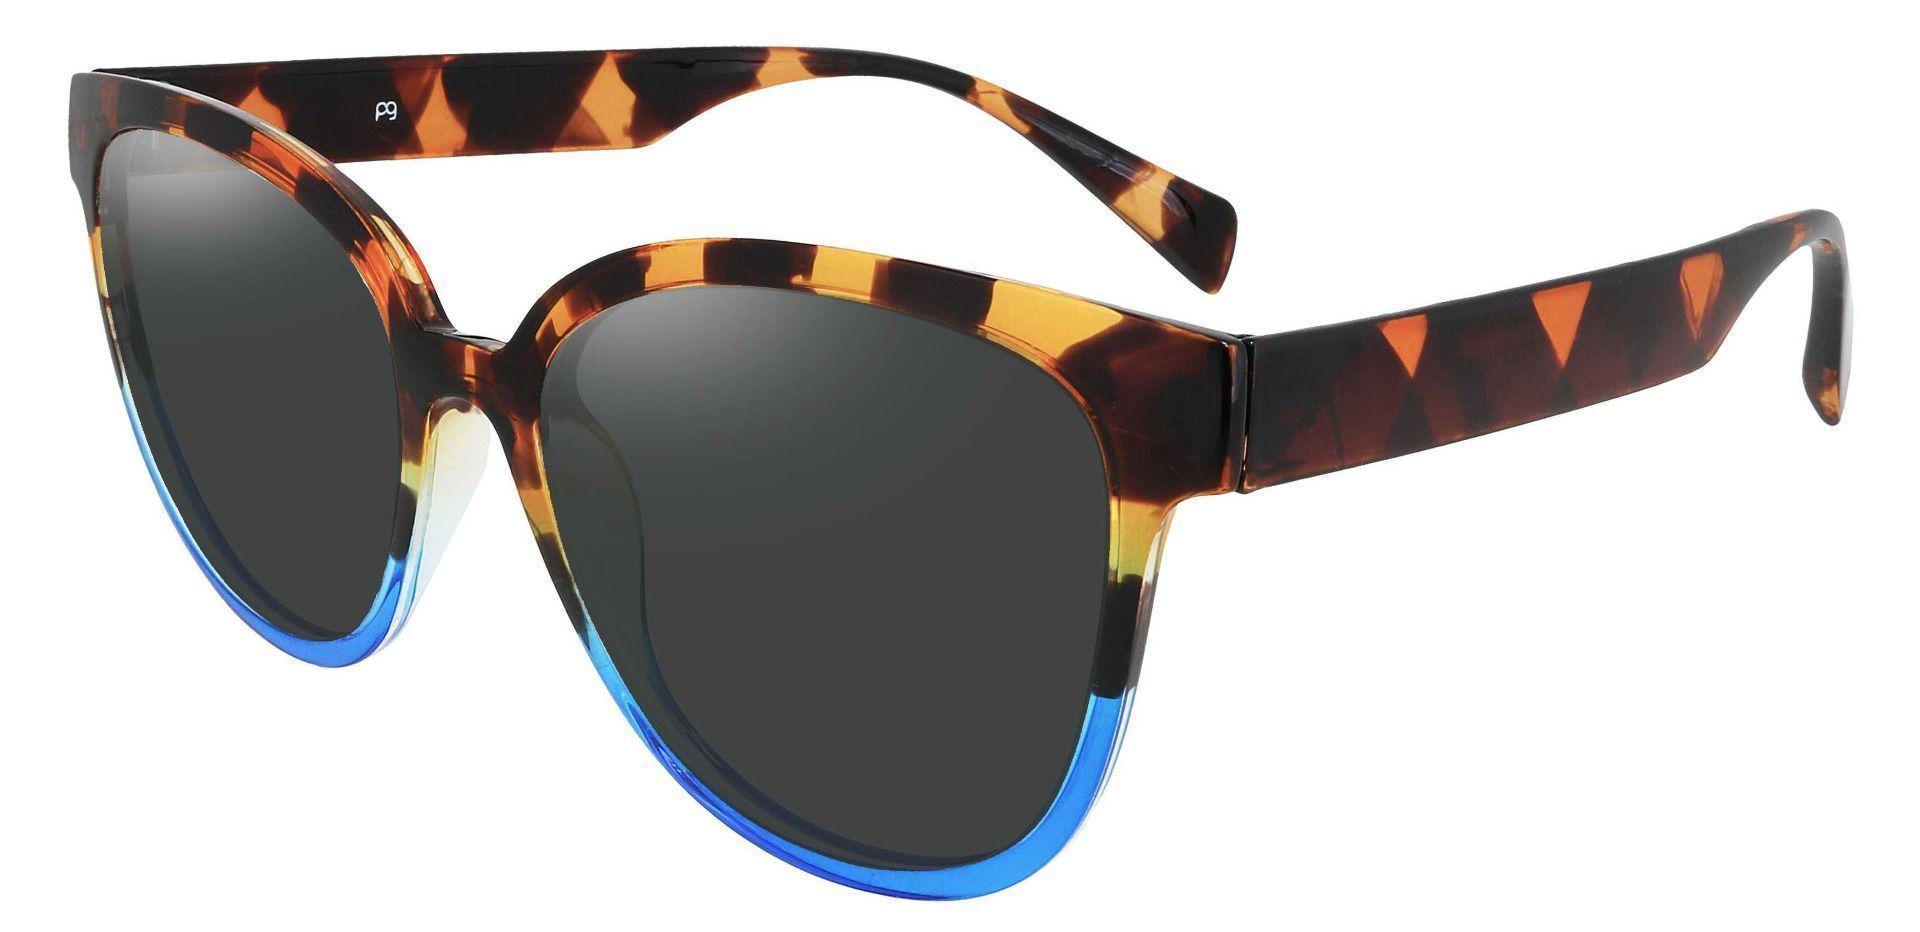 Newport Oval Progressive Sunglasses - Tortoise Frame With Gray Lenses